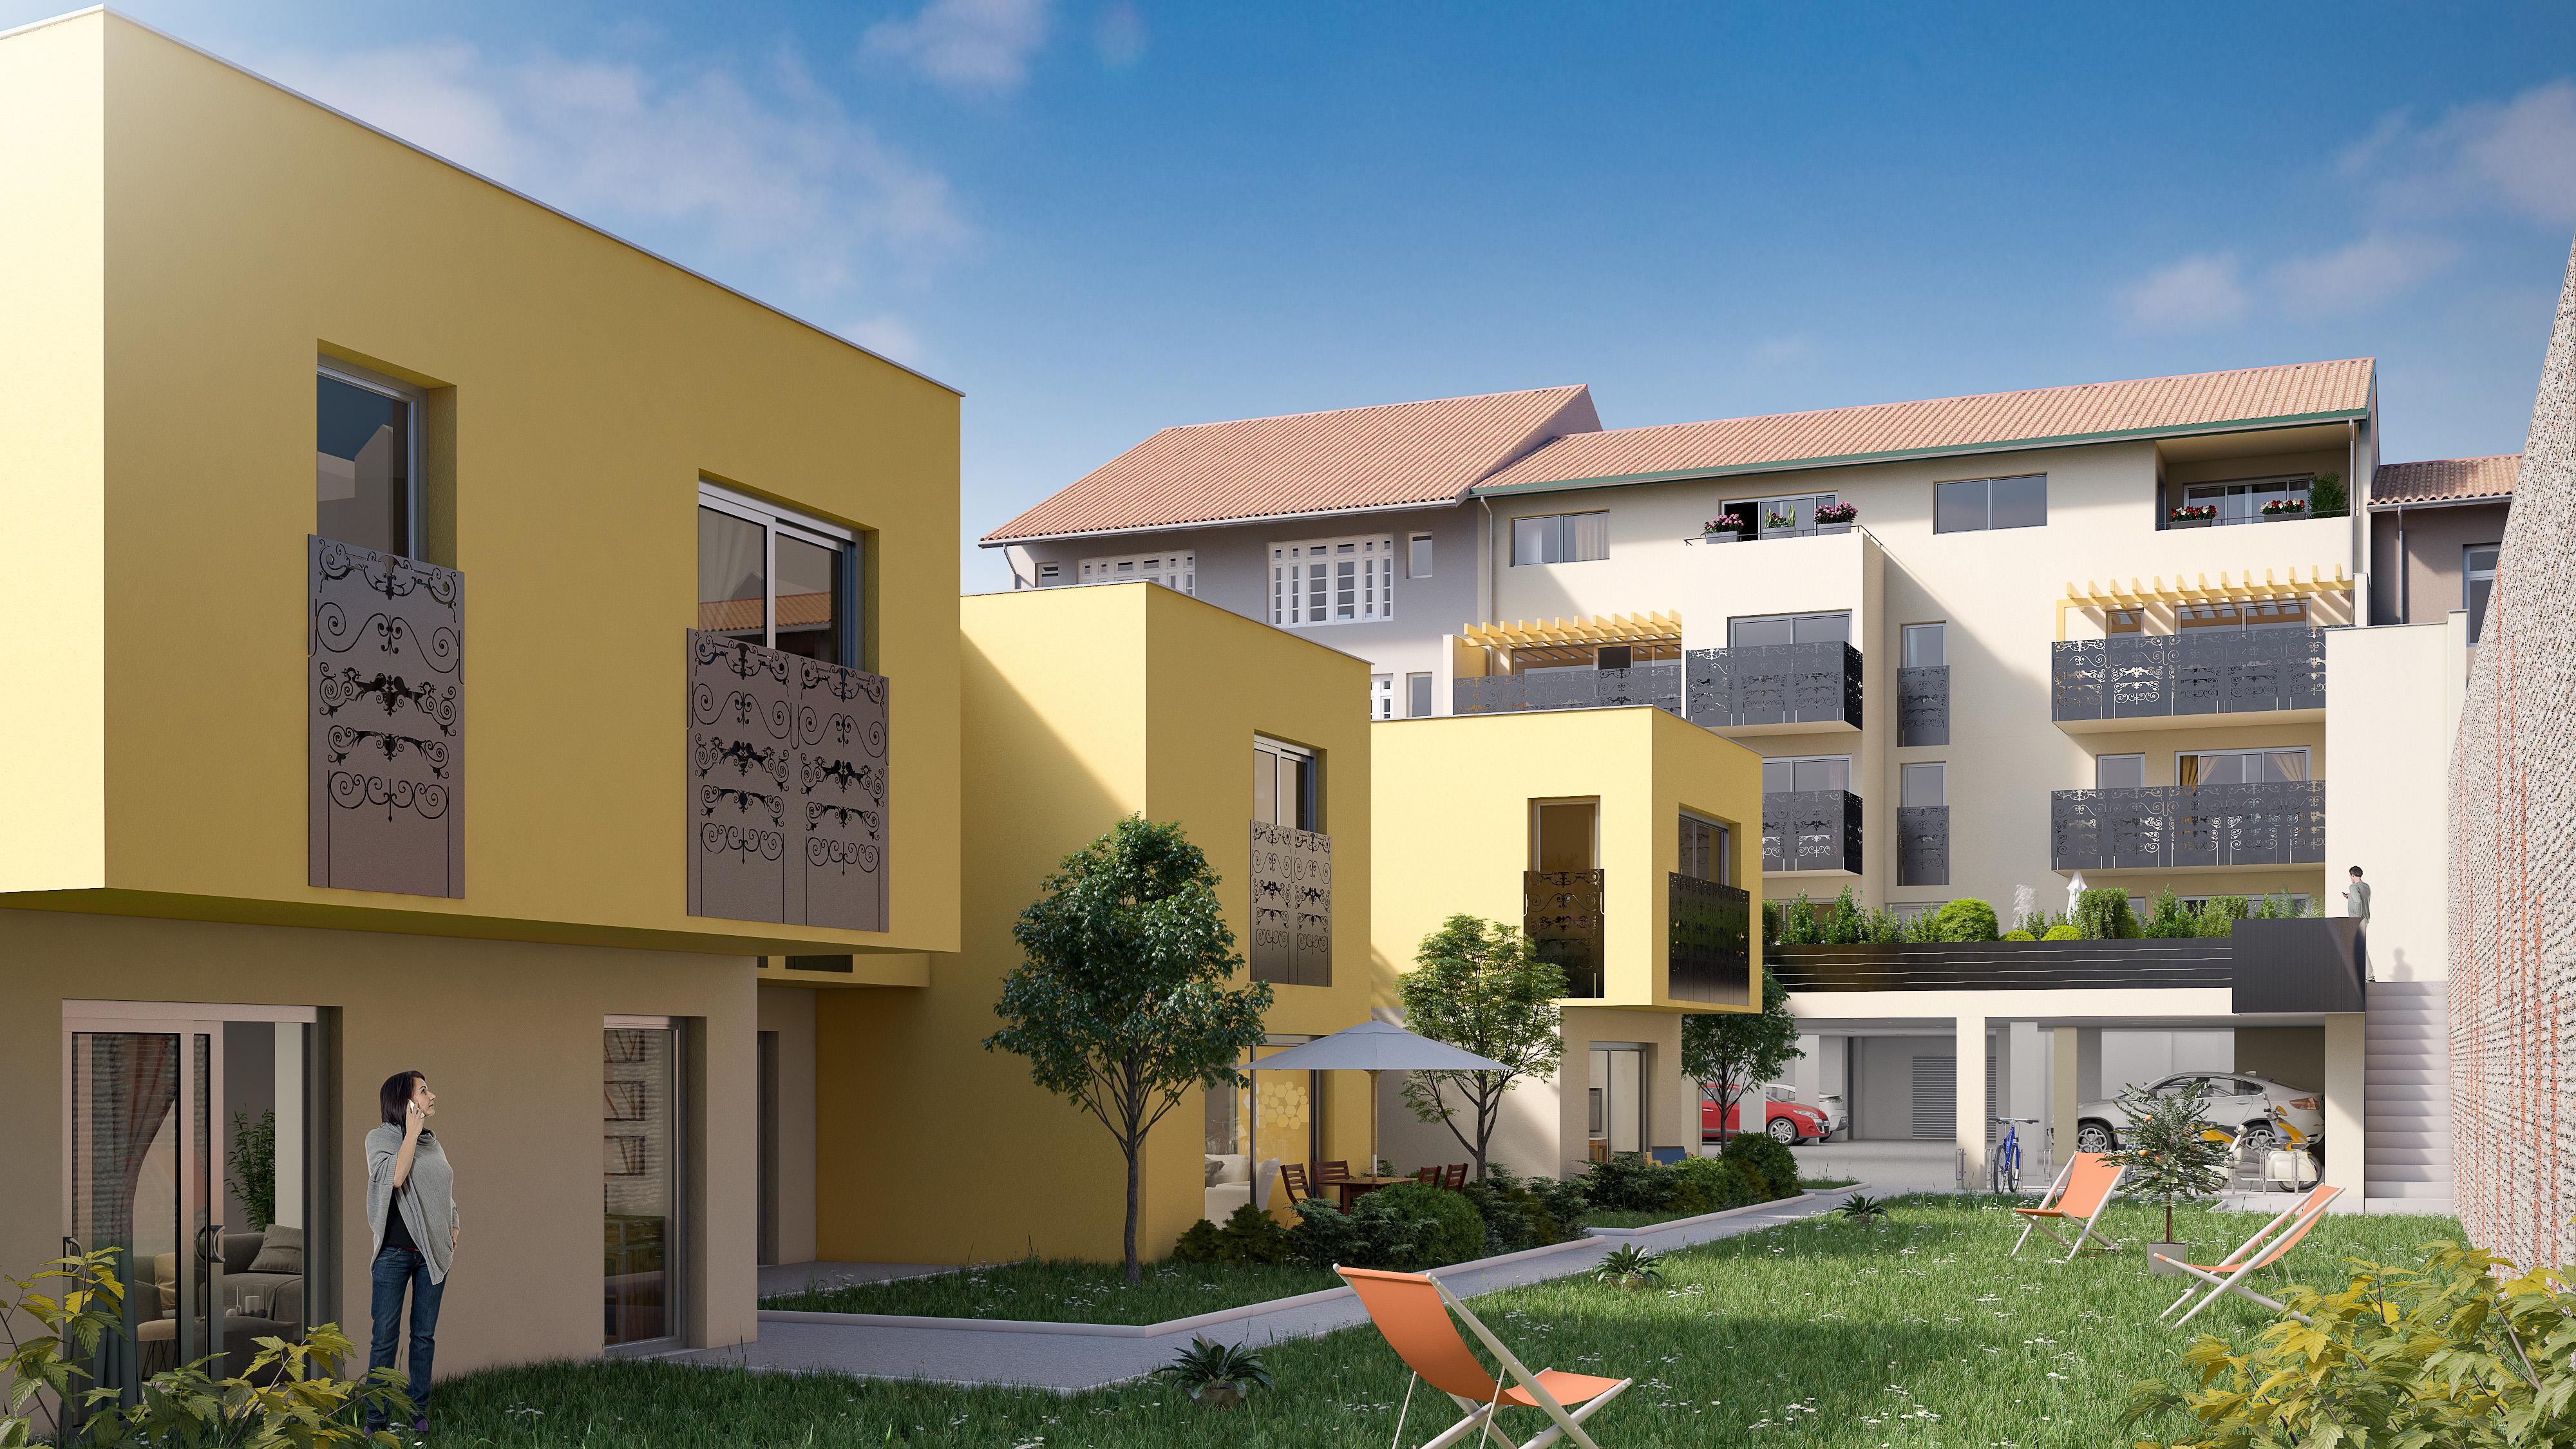 programme immobilier amassade pau 64000. Black Bedroom Furniture Sets. Home Design Ideas